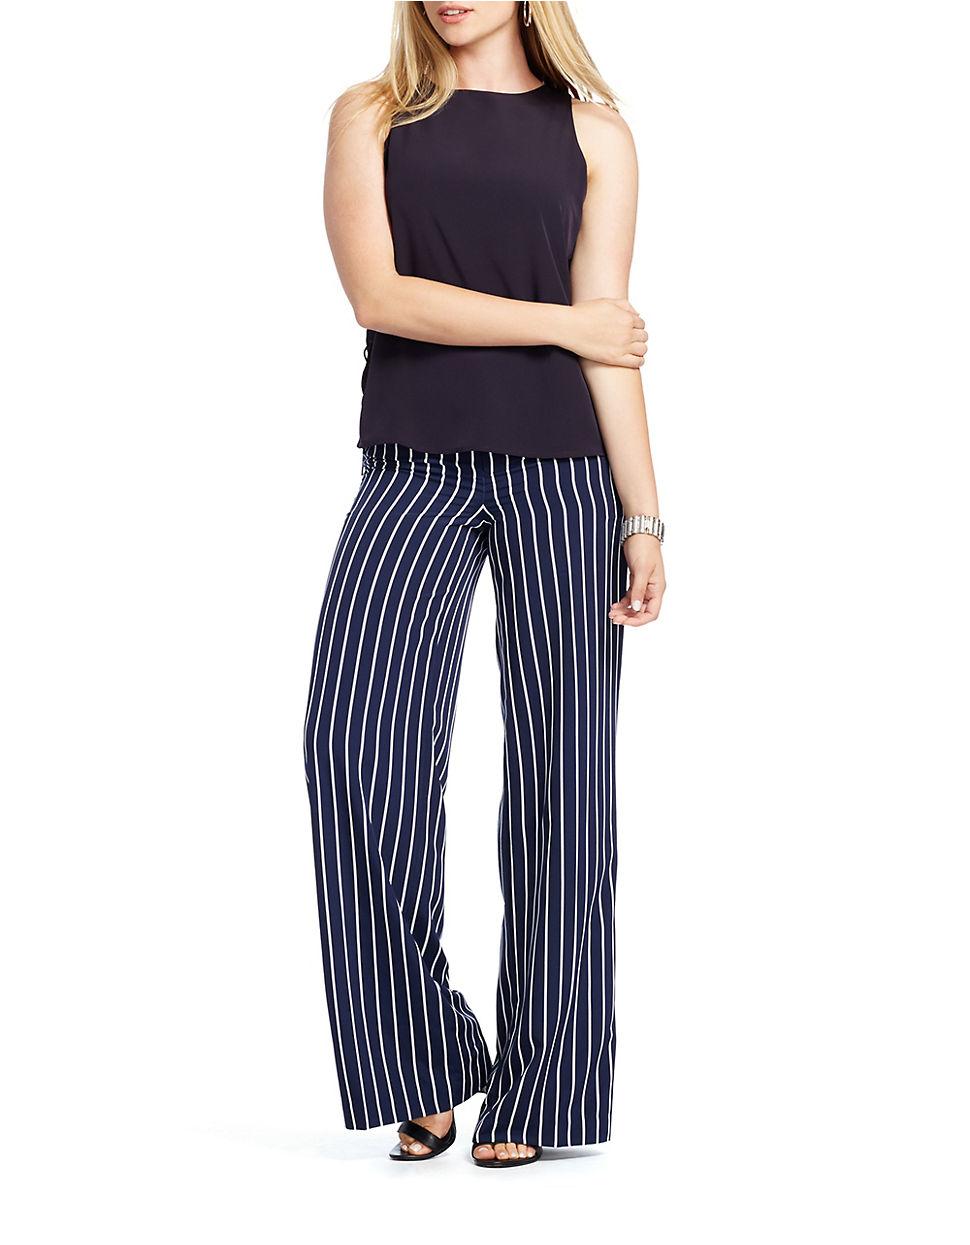 Lauren by ralph lauren Plus Striped Wide-leg Pants in Blue   Lyst